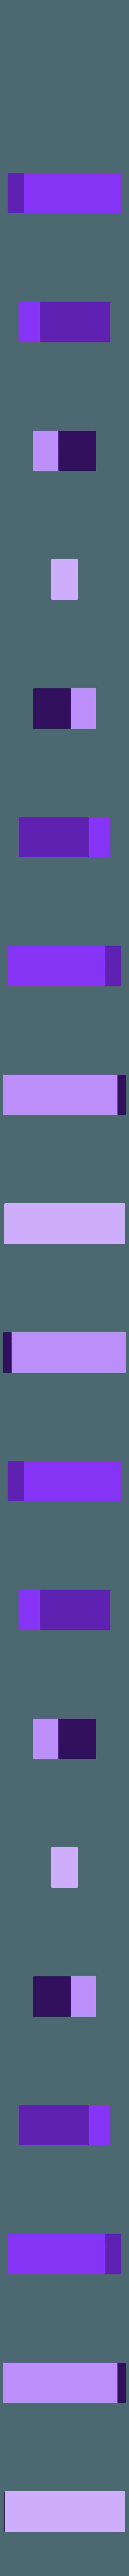 front_bargraph_insert.stl Télécharger fichier STL gratuit Ghostbuster Ghostbuster Ghosttrap • Modèle pour impression 3D, SLIDES